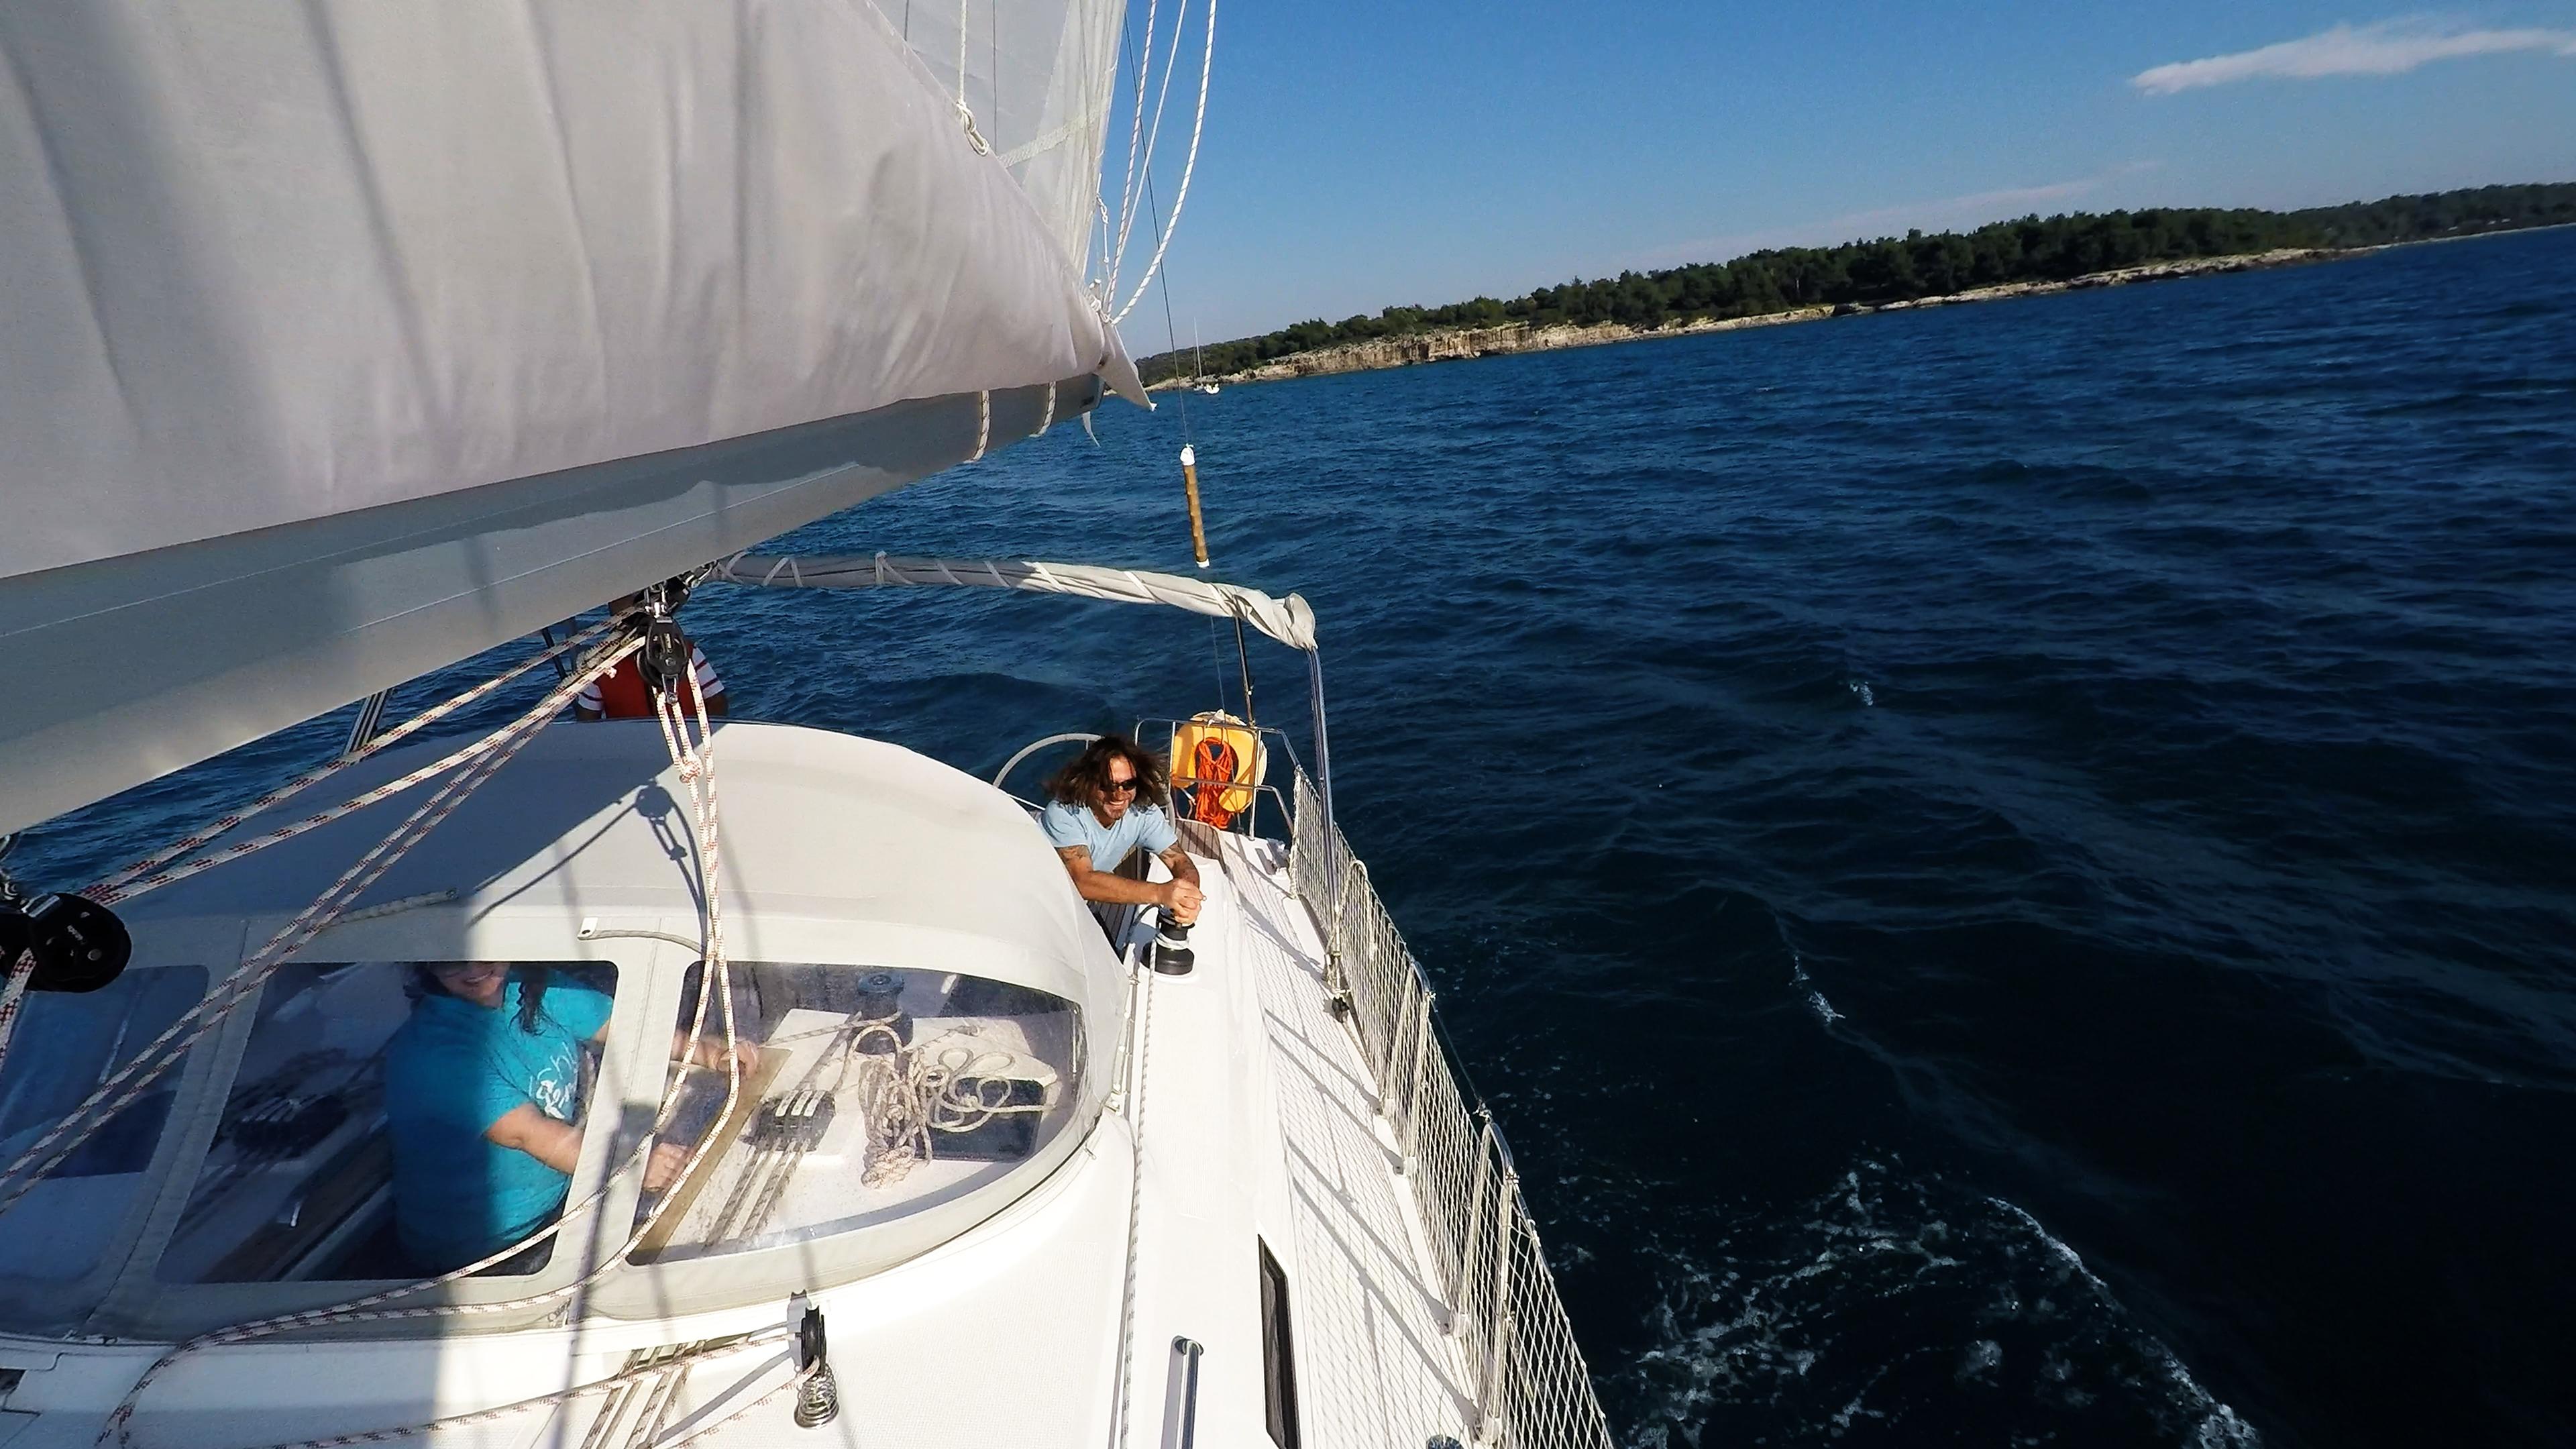 sailing yacht winch sail